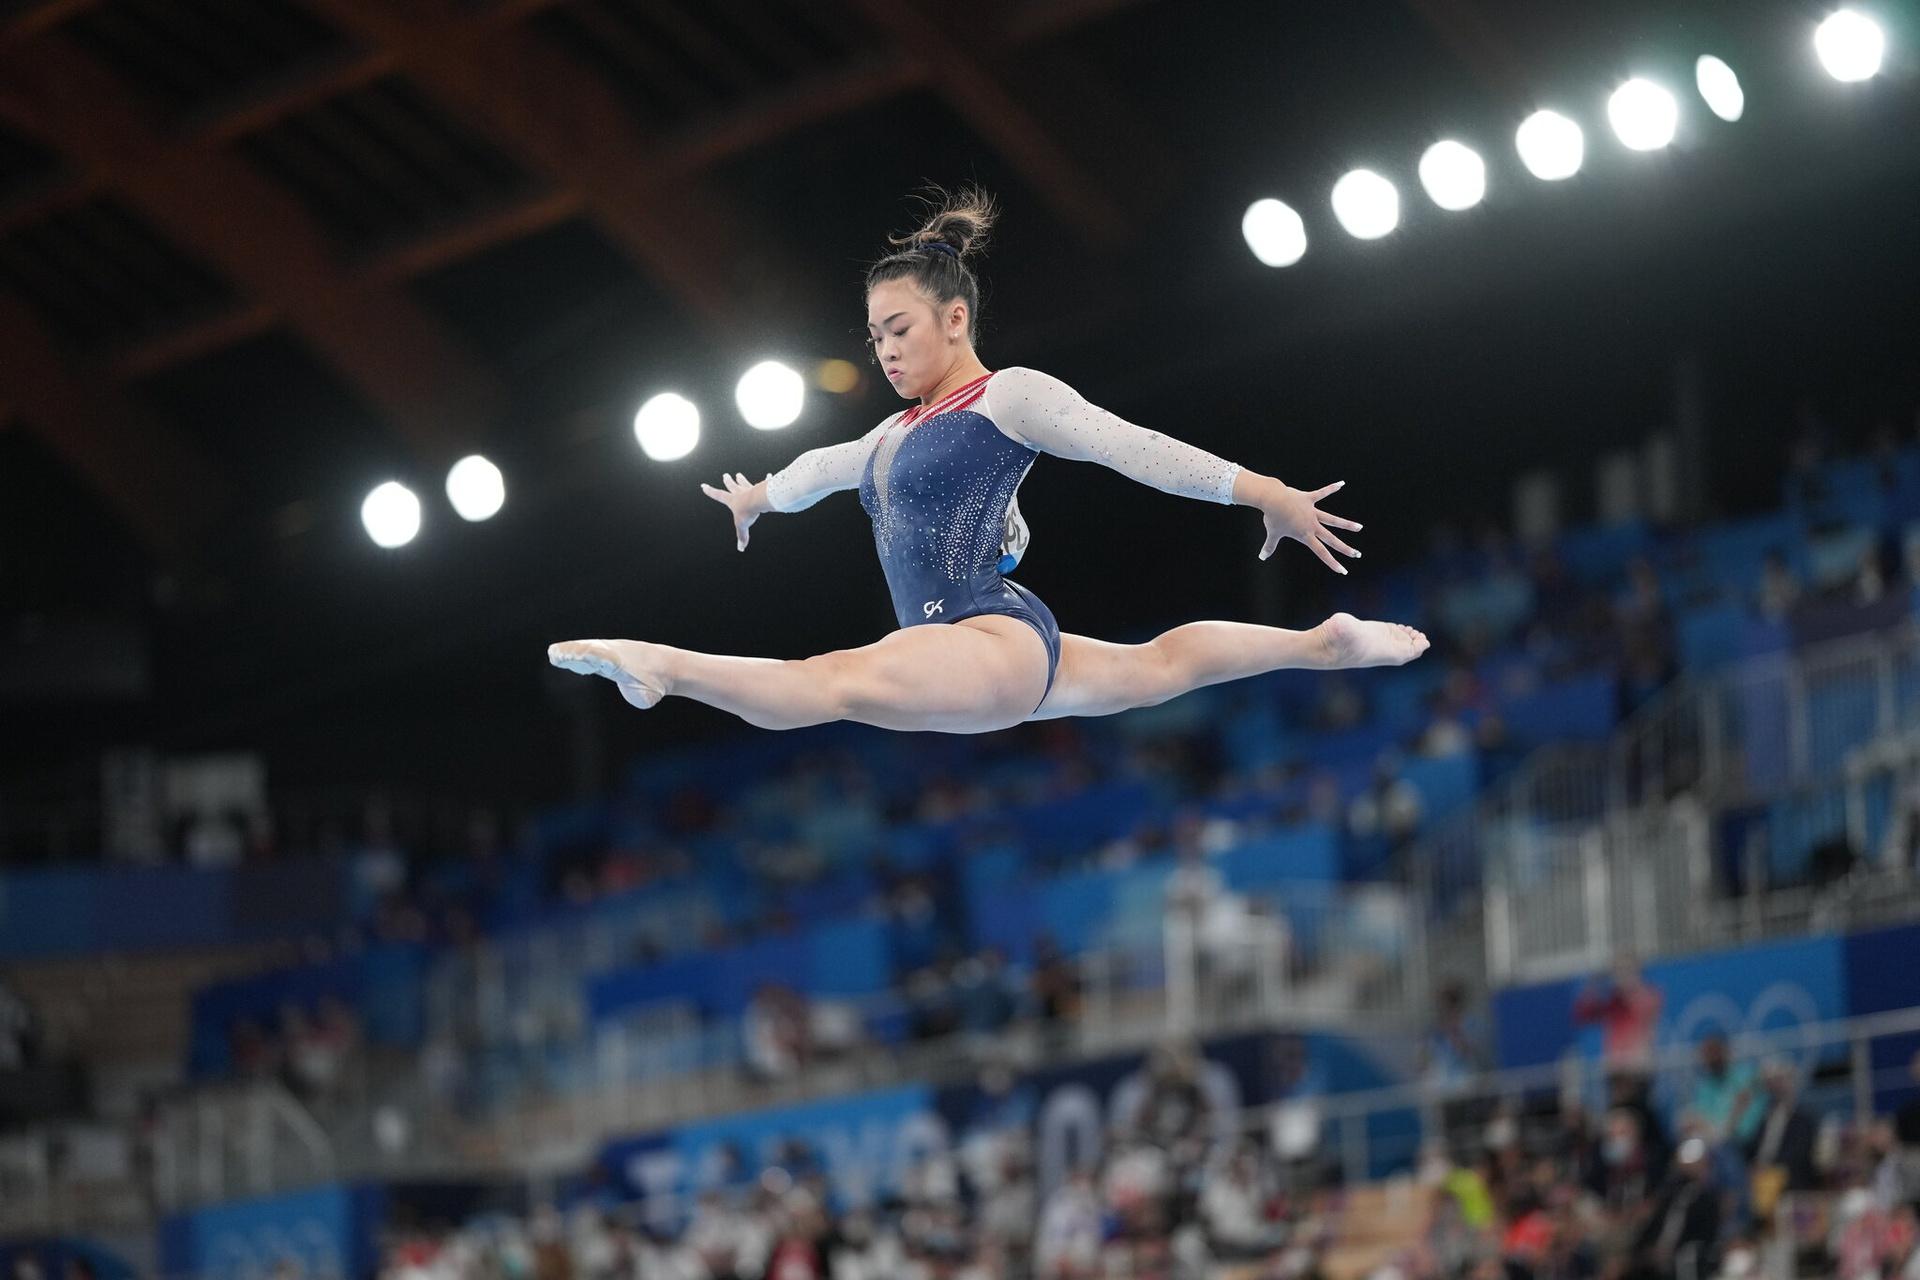 Ấn tượng: VĐV người H'Mông kết thúc Olympic 2020 với bộ HC đủ màu - Ảnh 1.